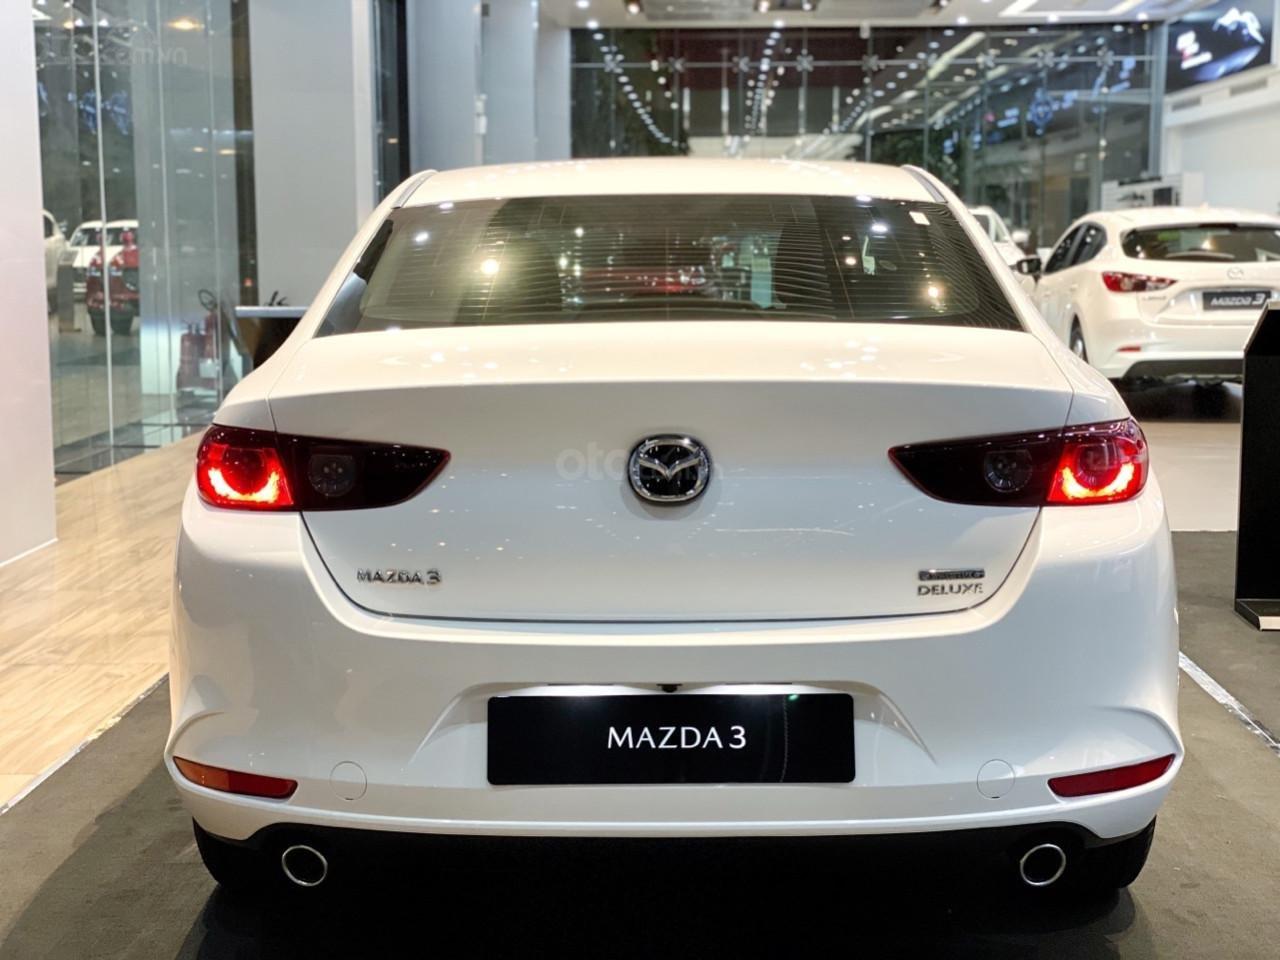 [Mazda Bình Tân - HCM] All New Mazda 3 2020, nhận ngay ưu đãi 50% phí trước bạ, tặng bộ phụ kiện chính hãng (3)